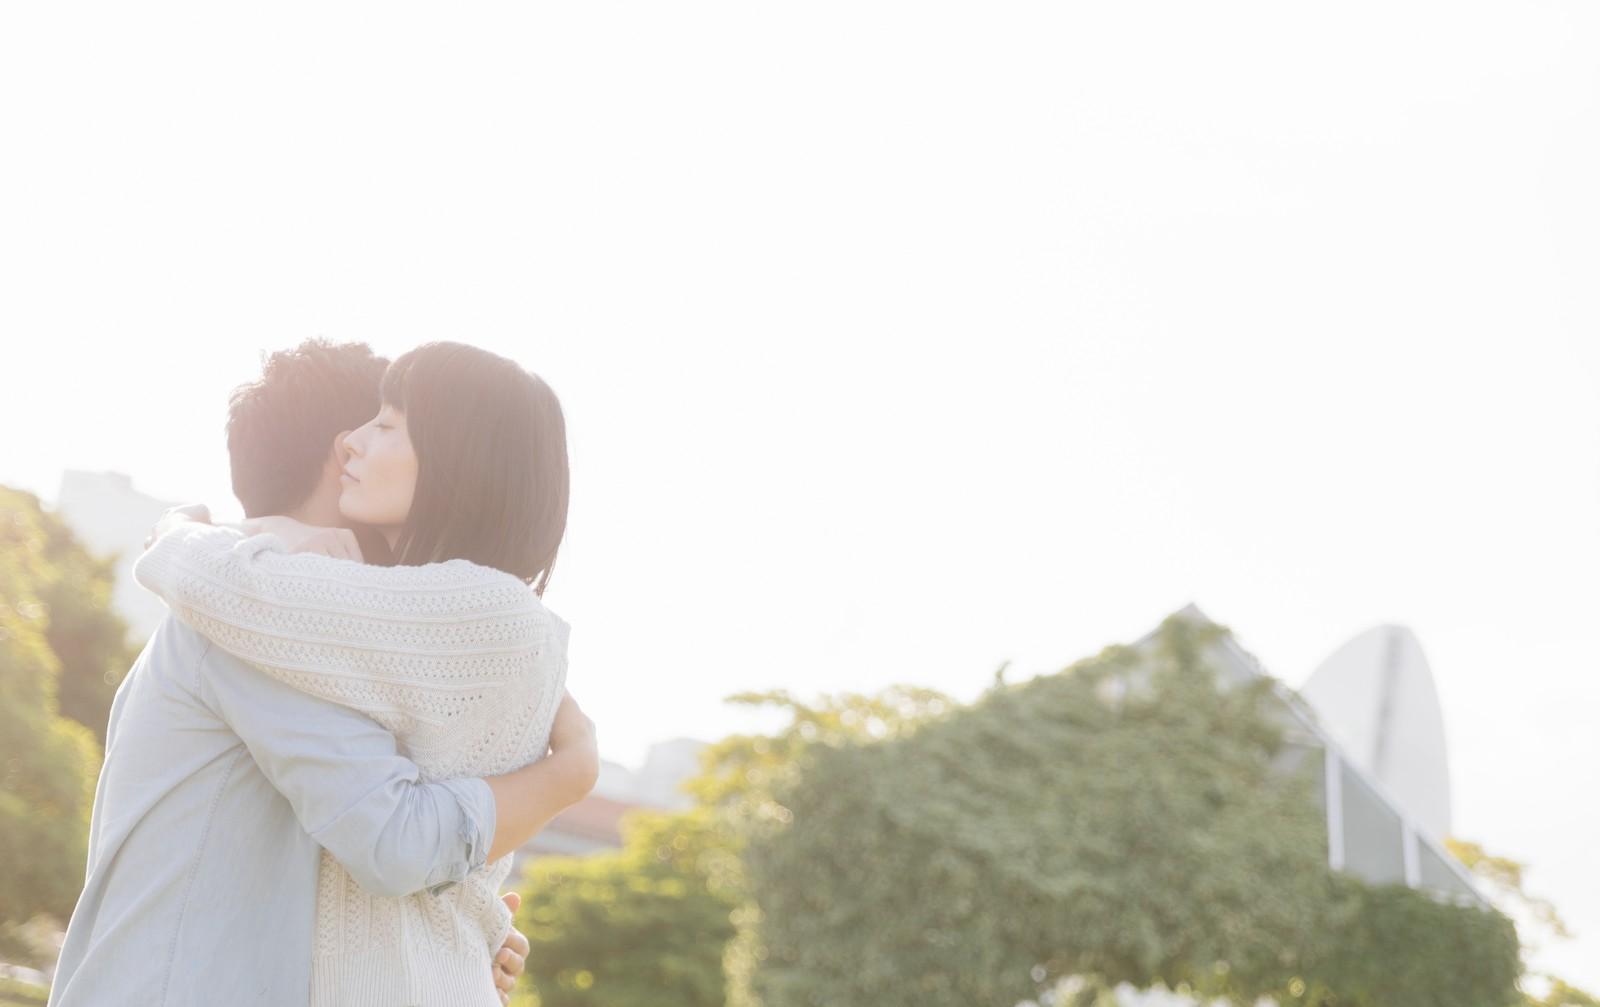 最初から苦労する結婚相手を選ぶ必要なんてない